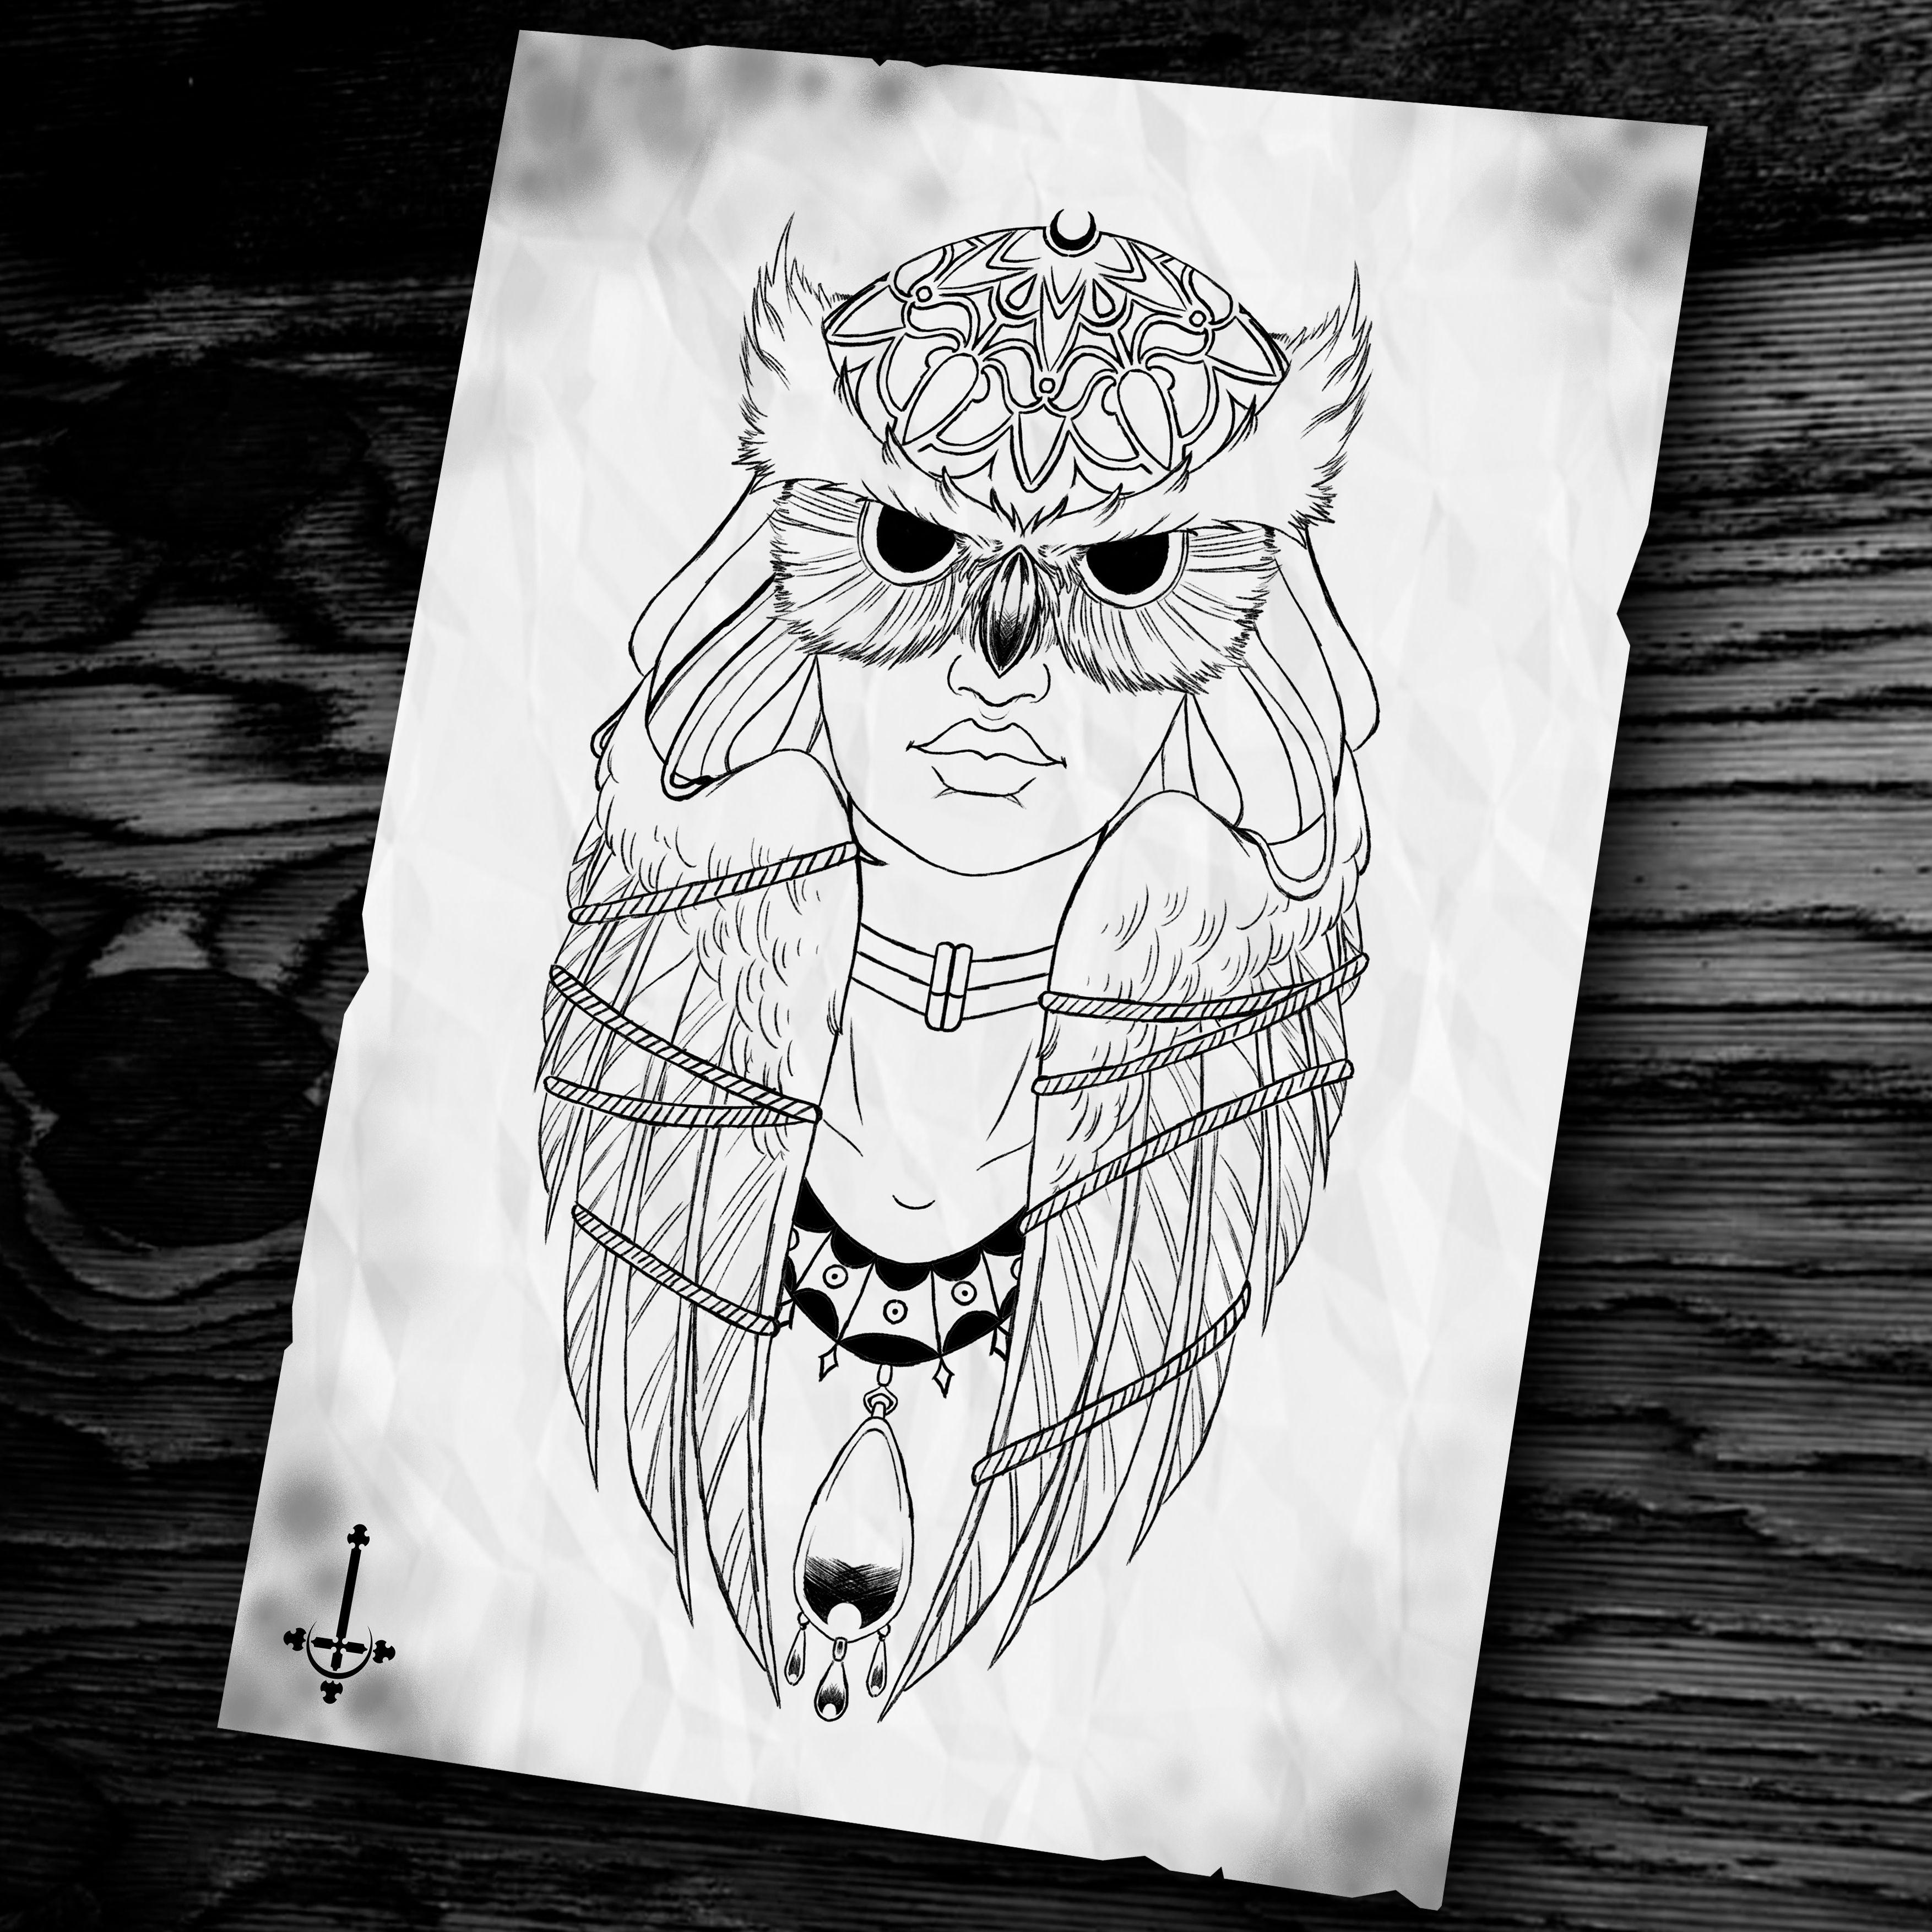 Disponível...  || Dúvidas, sugestões ou orçamentos, manda uma DM ou no whats que está no perfil.  #tattoo #tattoo2me #tattoomagazine #blackwork #blackworktattoo #cwb #cwbtattoo #tattoocwb #curitiba #curitibatattoo #tattoocuritiba #blackworkers #blackworkers_tattoo #bw #blacktattoo #thedarkestwork